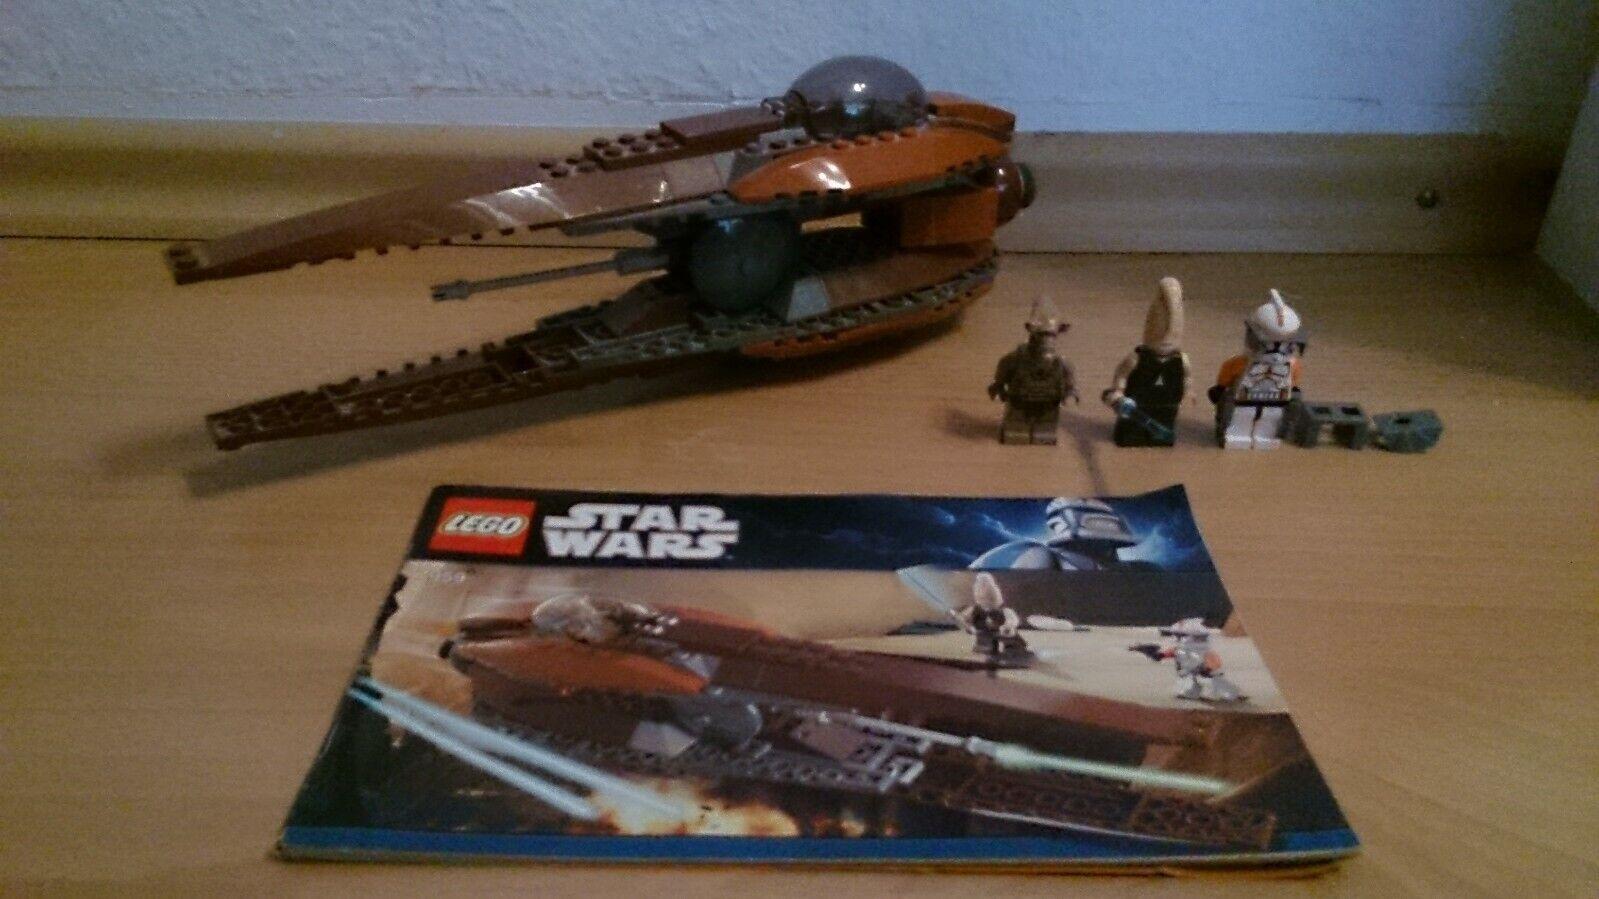 Lego Star Wars 7959 Geonosian Starfighter Top mit Figuren und Aufbauauanleitun